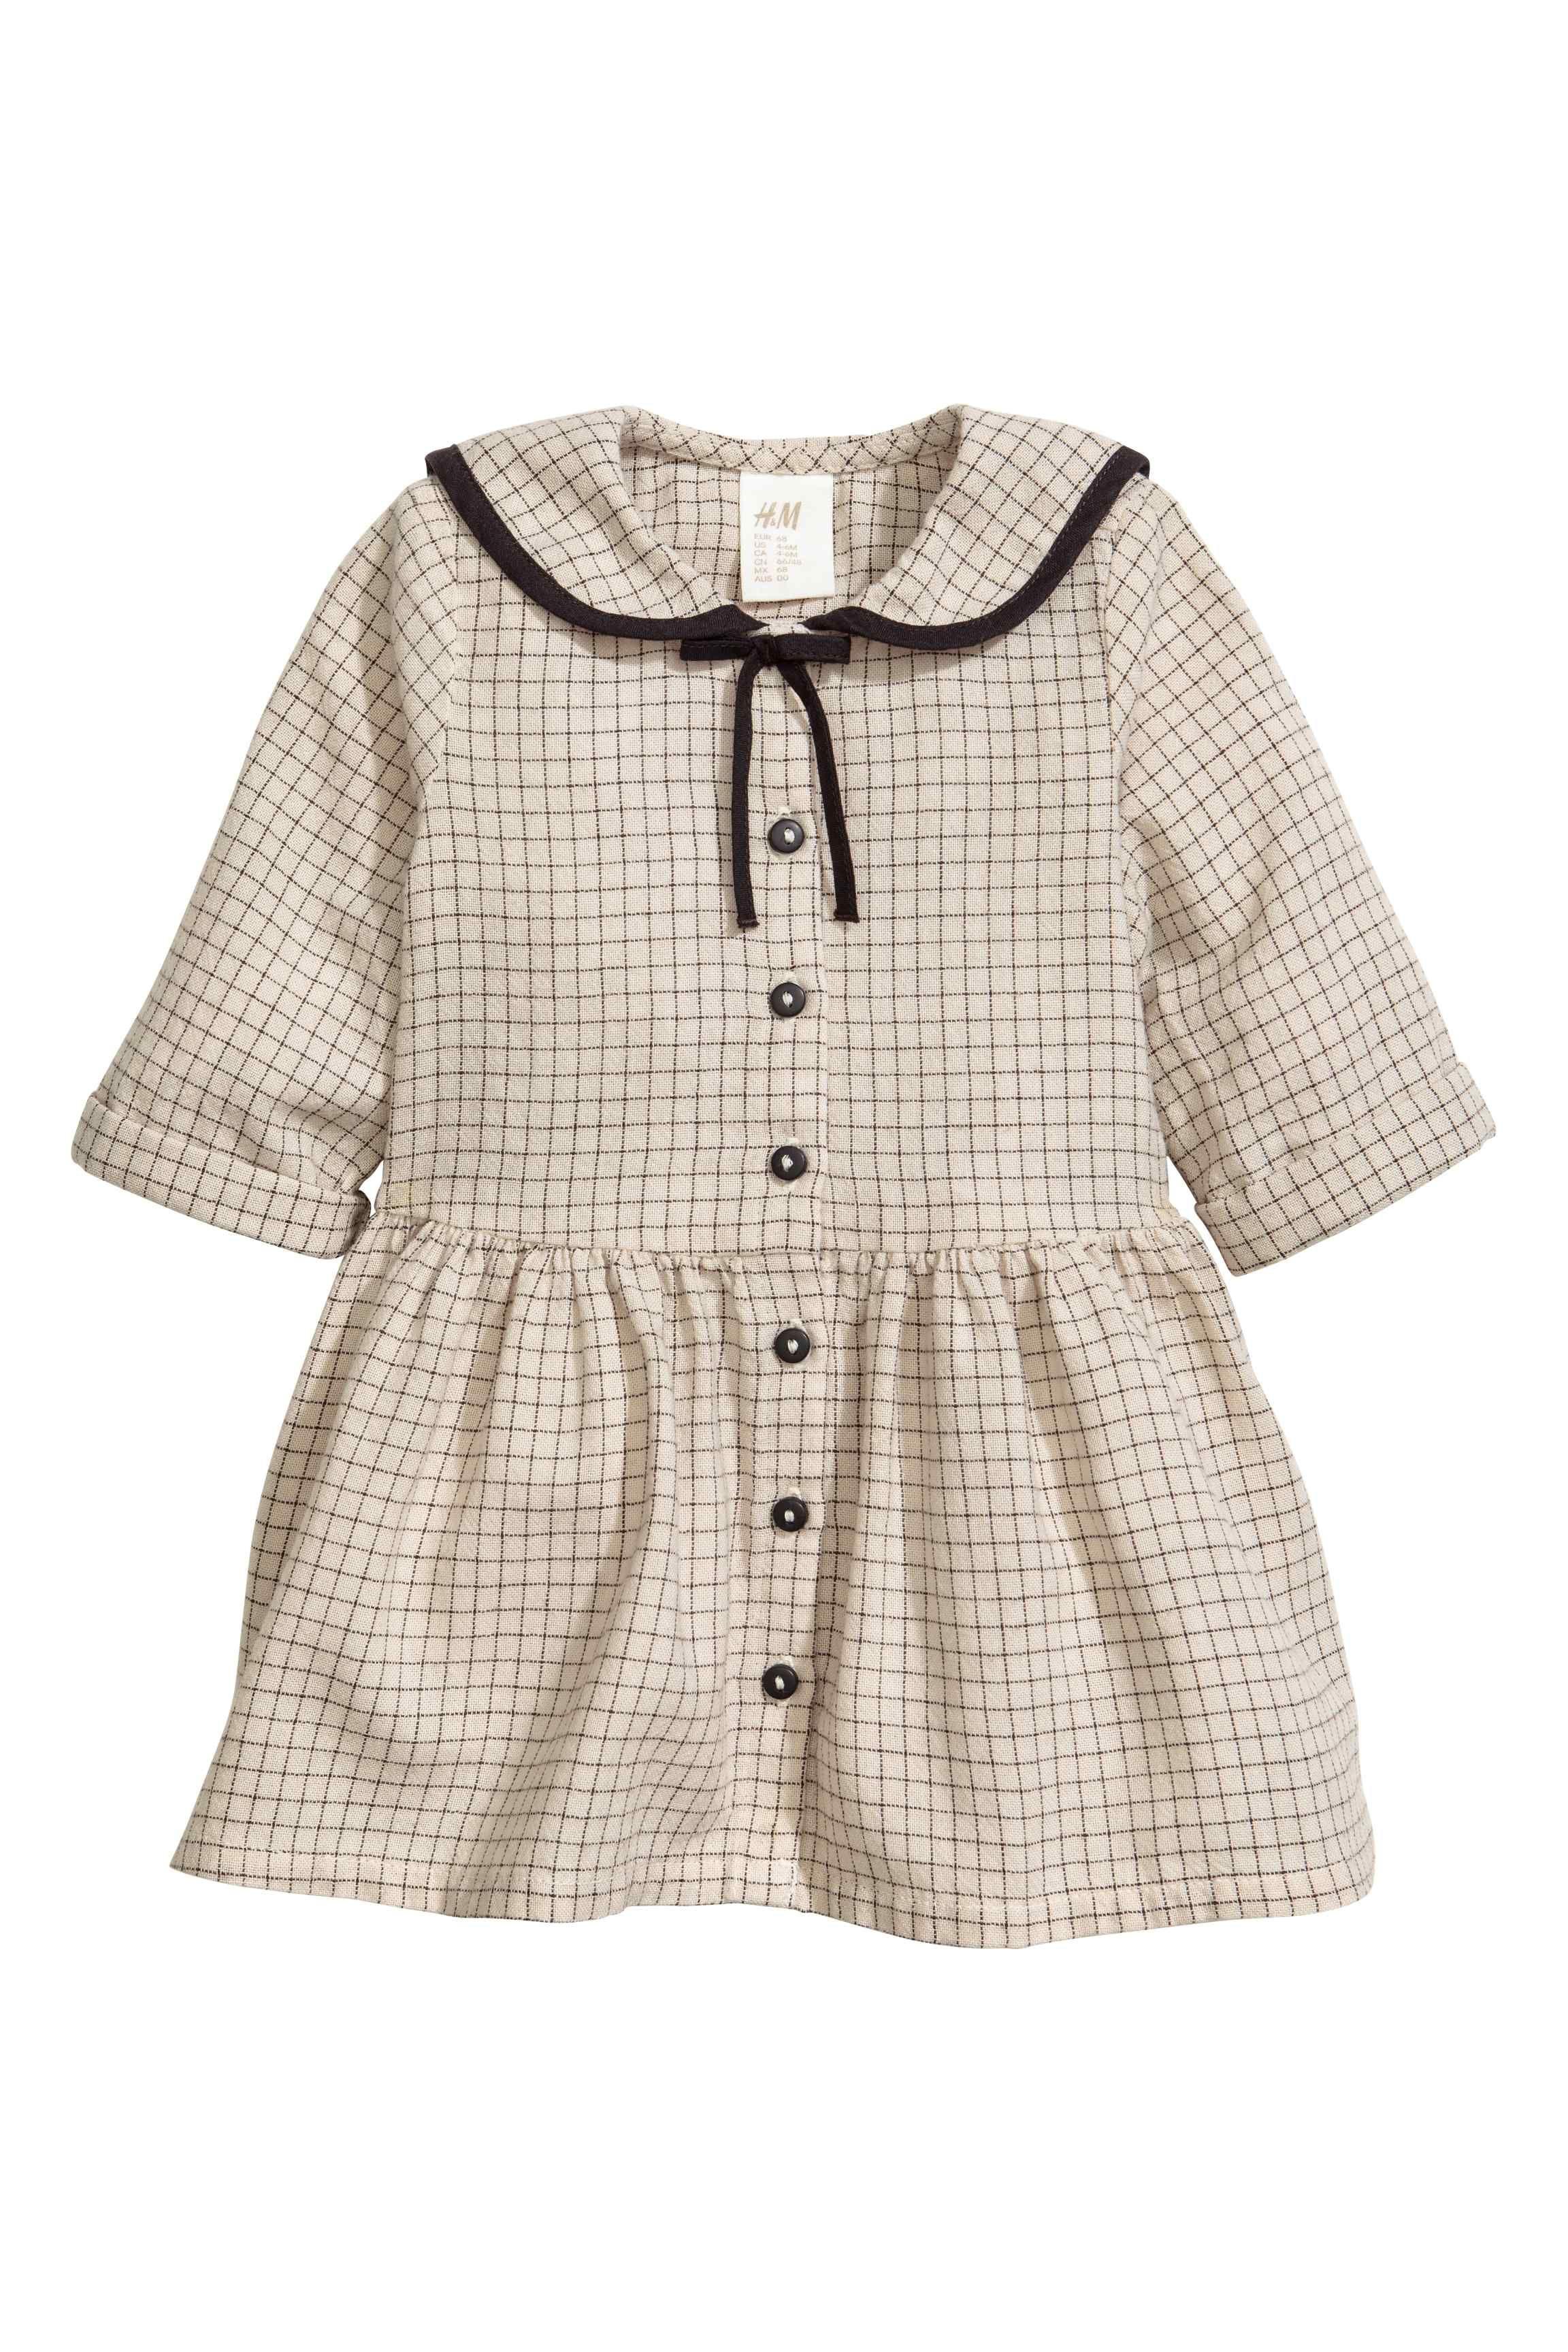 Bavlnené šaty - svetlobéžová/károvaná - DETI   H&M SK 1